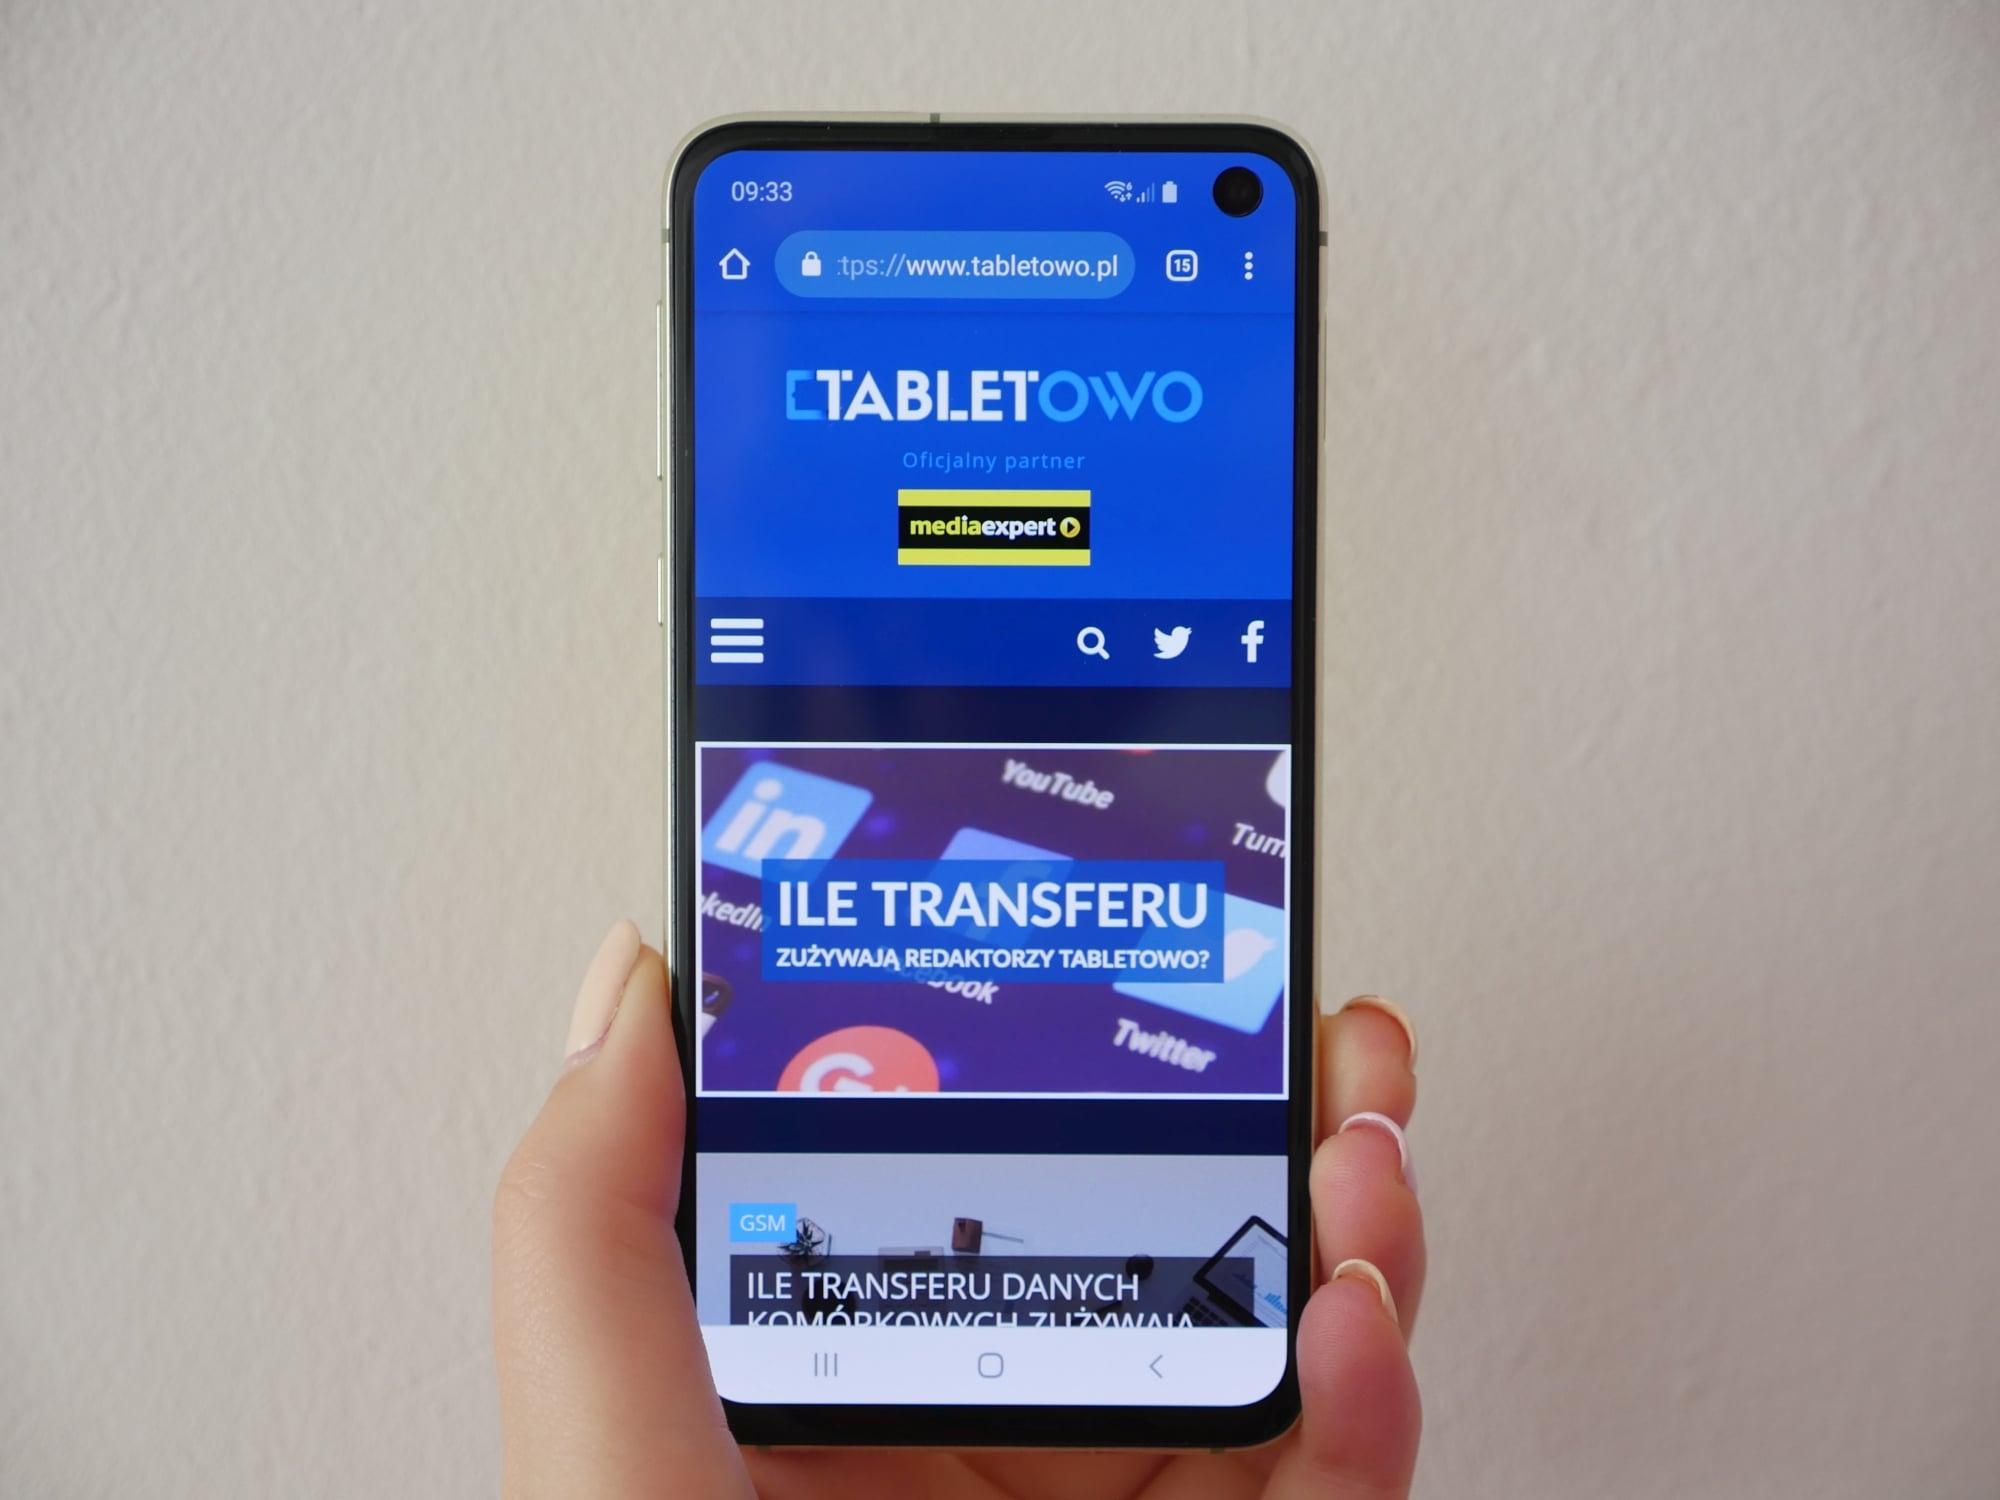 Wodoszczelny smartfon - co to oznacza? I jakie modele warto kupić? (poradnik) 26